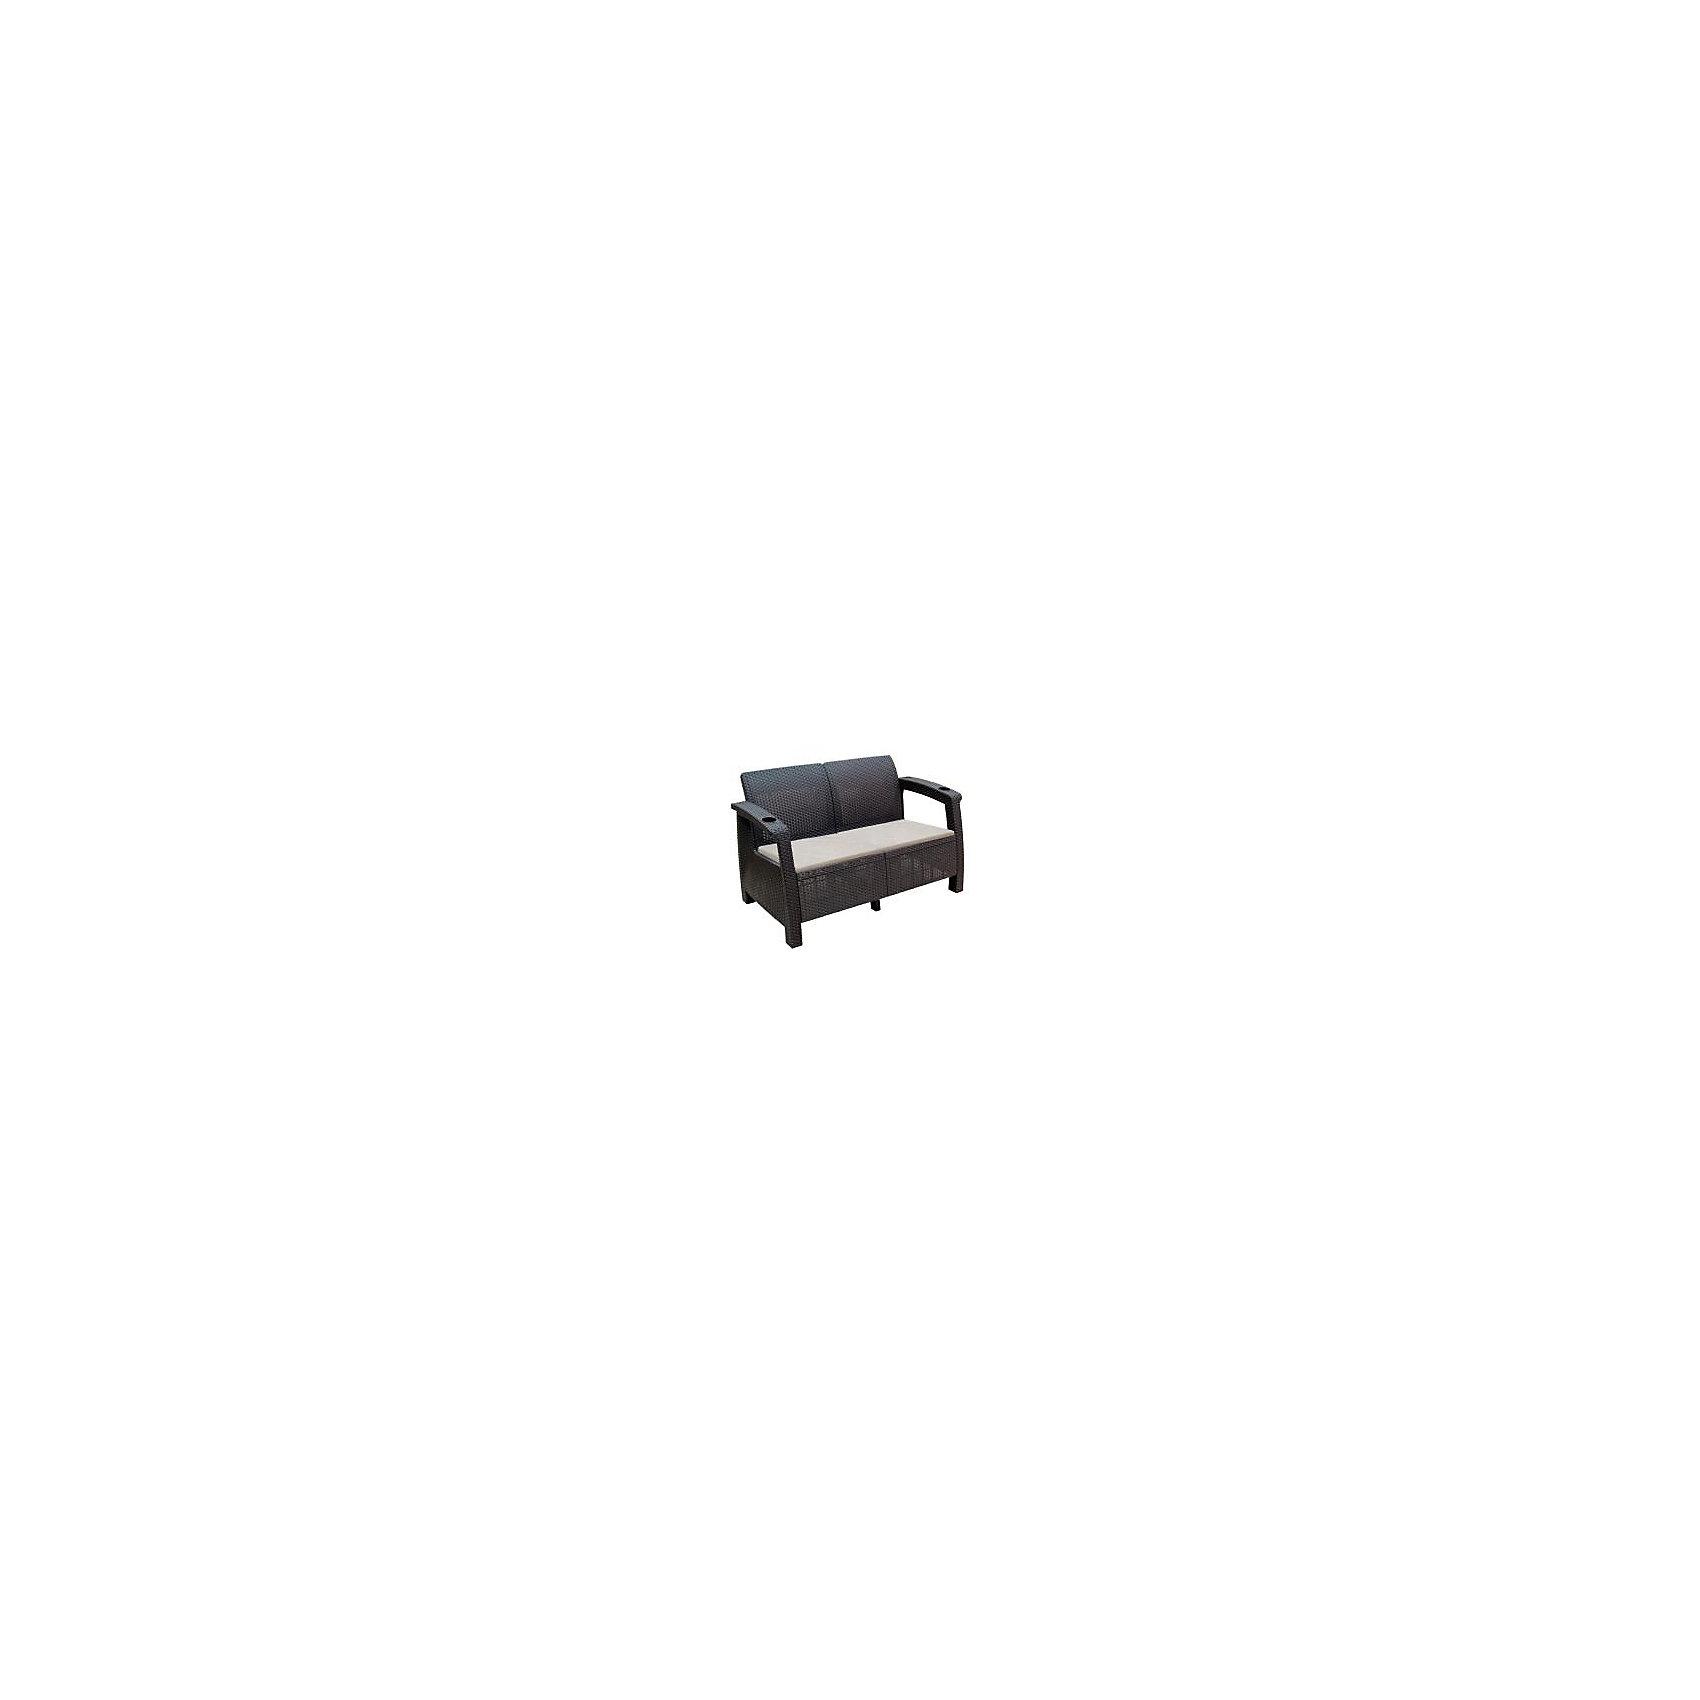 Диван Ротанг 2-х местный, с подушкой, Alternativa, коричневыйДиван Ротанг 1270х700х790 с подуш., Alternativa (Альтернатива), коричневый<br><br>Характеристики:<br><br>• интересный дизайн<br>• выдерживает большие нагрузки<br>• две подушки на сидении<br>• два подстаканника<br>• материал: пластик<br>• размер: 127х70х79 см<br>• цвет: коричневый<br><br>Диван Ротанг прекрасно впишется в интерьер вашего дома и позволит вам отдохнуть с комфортом. Диван изготовлен из искусственного ротанга - пластика, выдерживающего достаточно большие нагрузки. На сидении находятся две мягкие подушки, на которых вы сможете комфортно расположиться. На ручках расположены два подстаканника. Вы сможете поставить в них любимые напитки и наслаждаться отдыхом и уютом.<br><br>Диван Ротанг 1270х700х790 с подуш., Alternativa (Альтернатива), коричневый можно купить в нашем интернет-магазине.<br><br>Ширина мм: 1270<br>Глубина мм: 700<br>Высота мм: 790<br>Вес г: 11600<br>Возраст от месяцев: 12<br>Возраст до месяцев: 1188<br>Пол: Унисекс<br>Возраст: Детский<br>SKU: 5436199